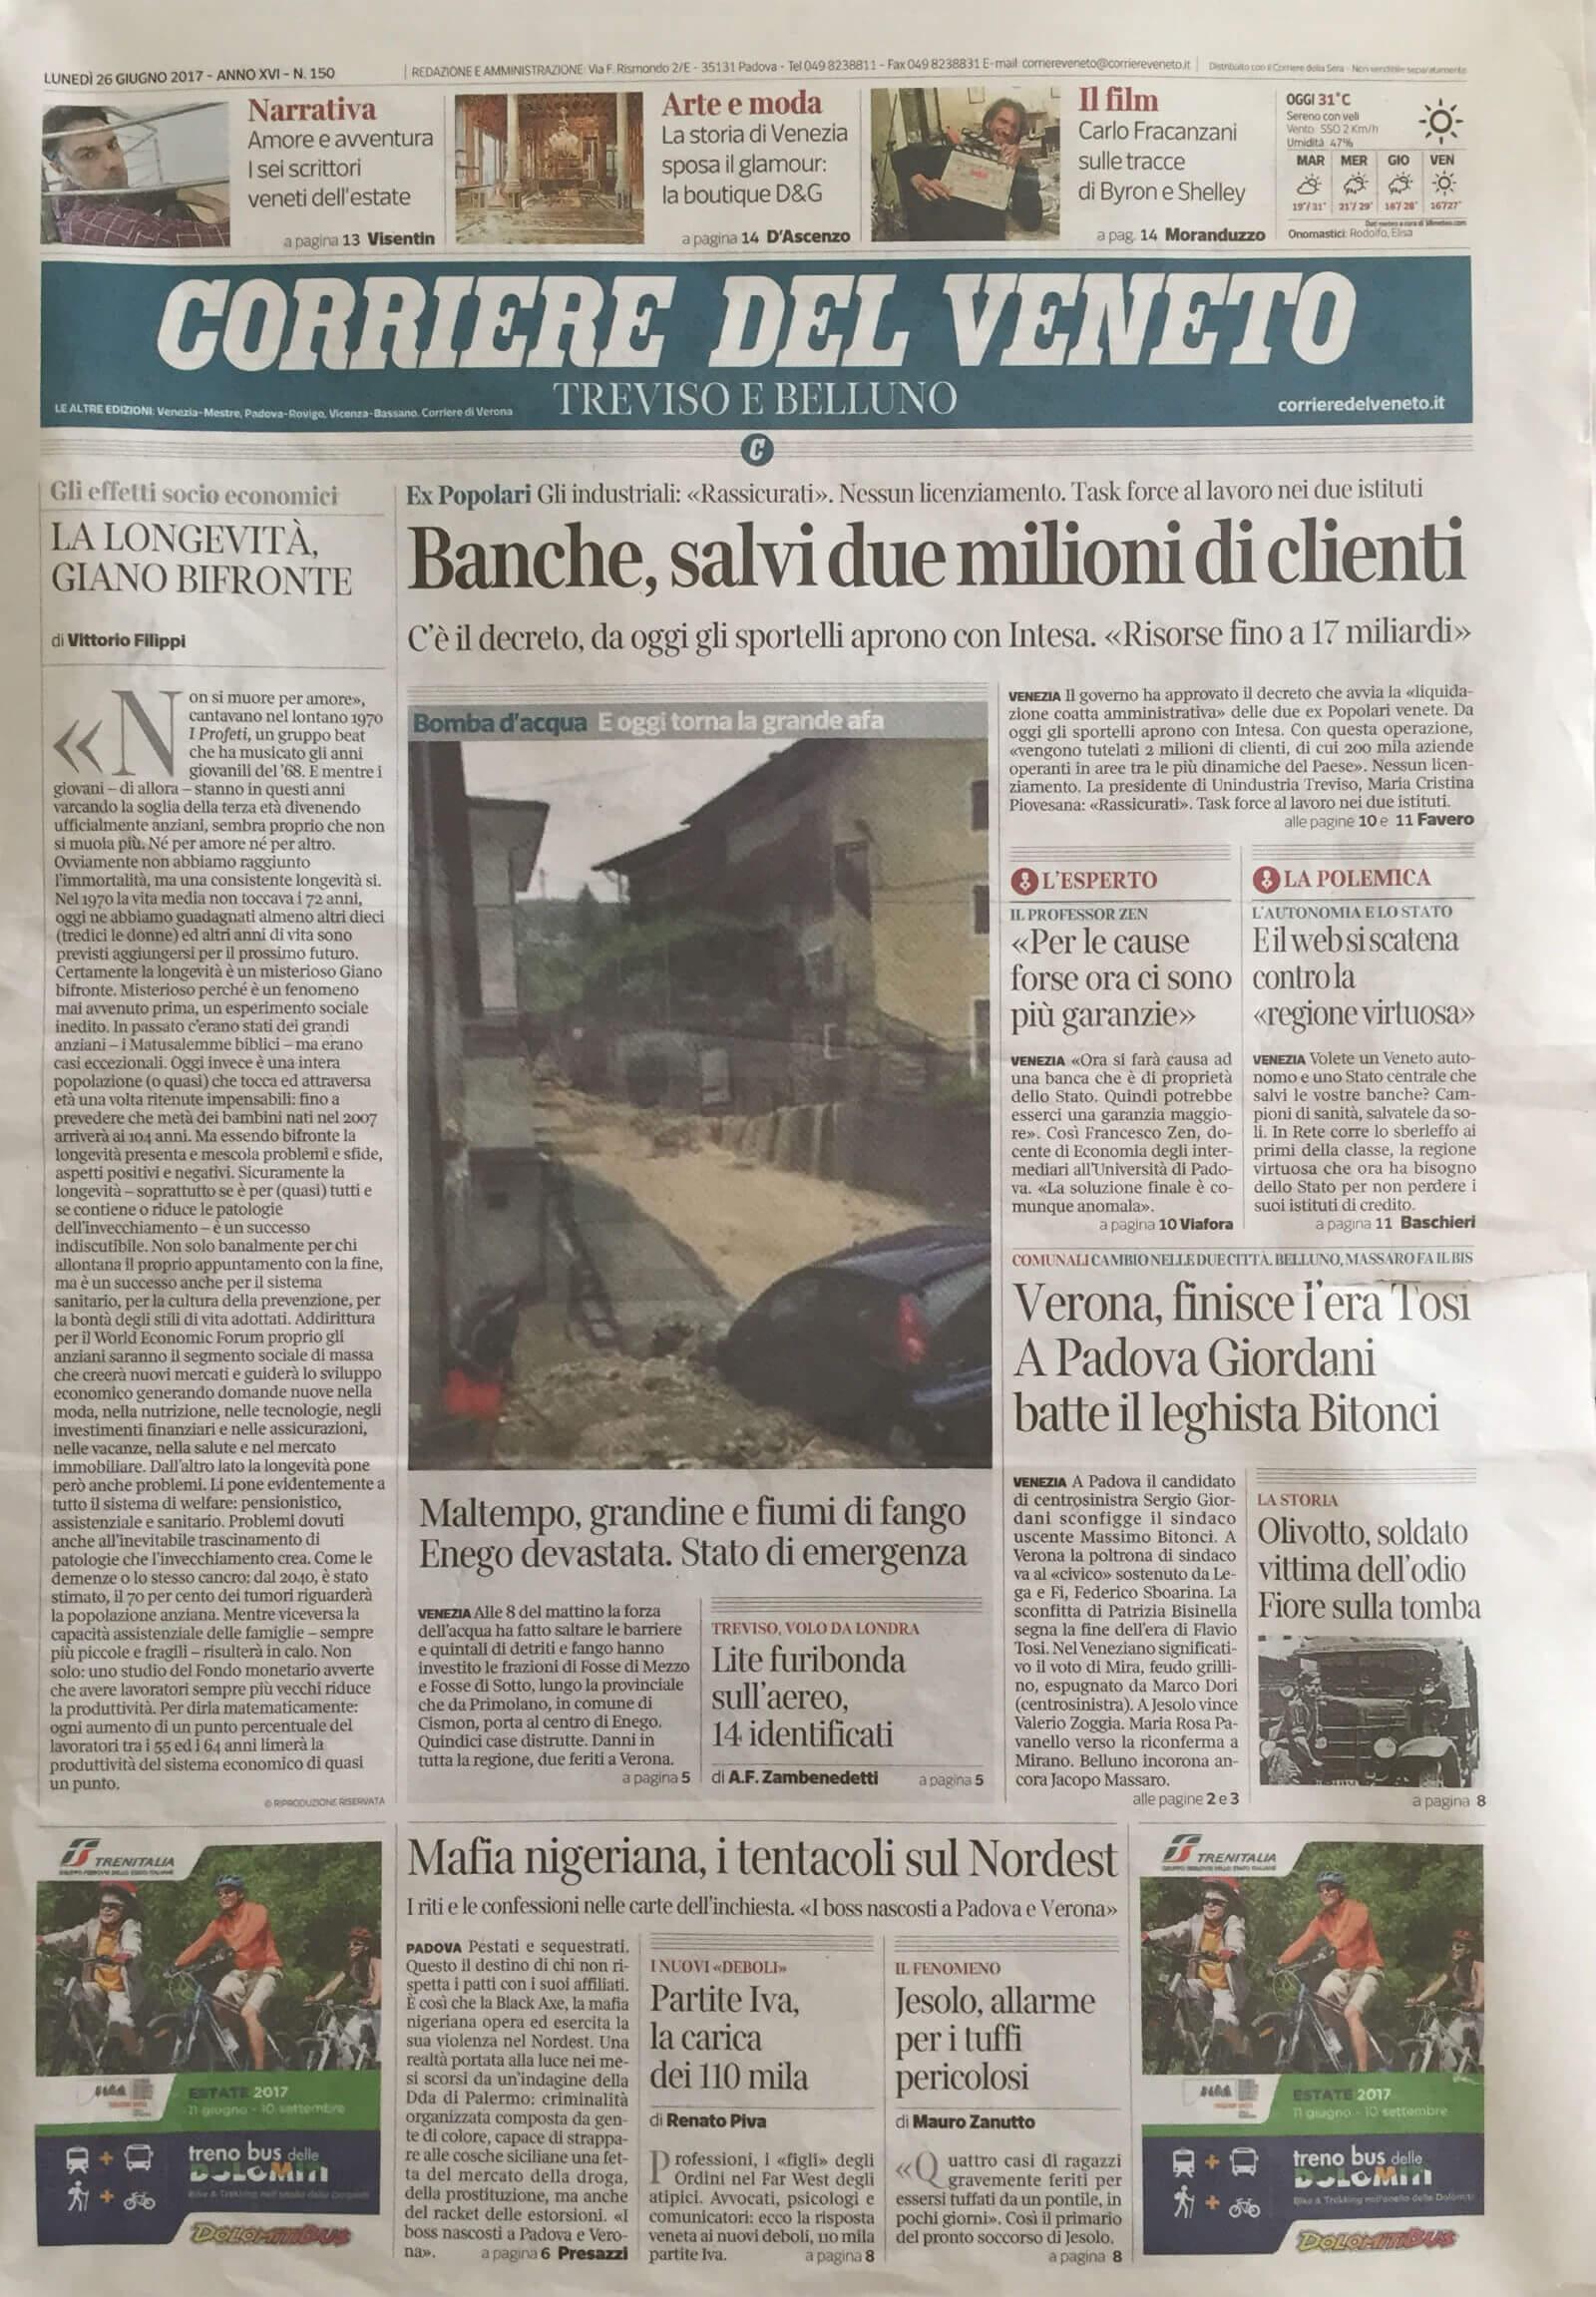 Corriere del Veneto 26-06-2017 | Tessiture Bevilacqua